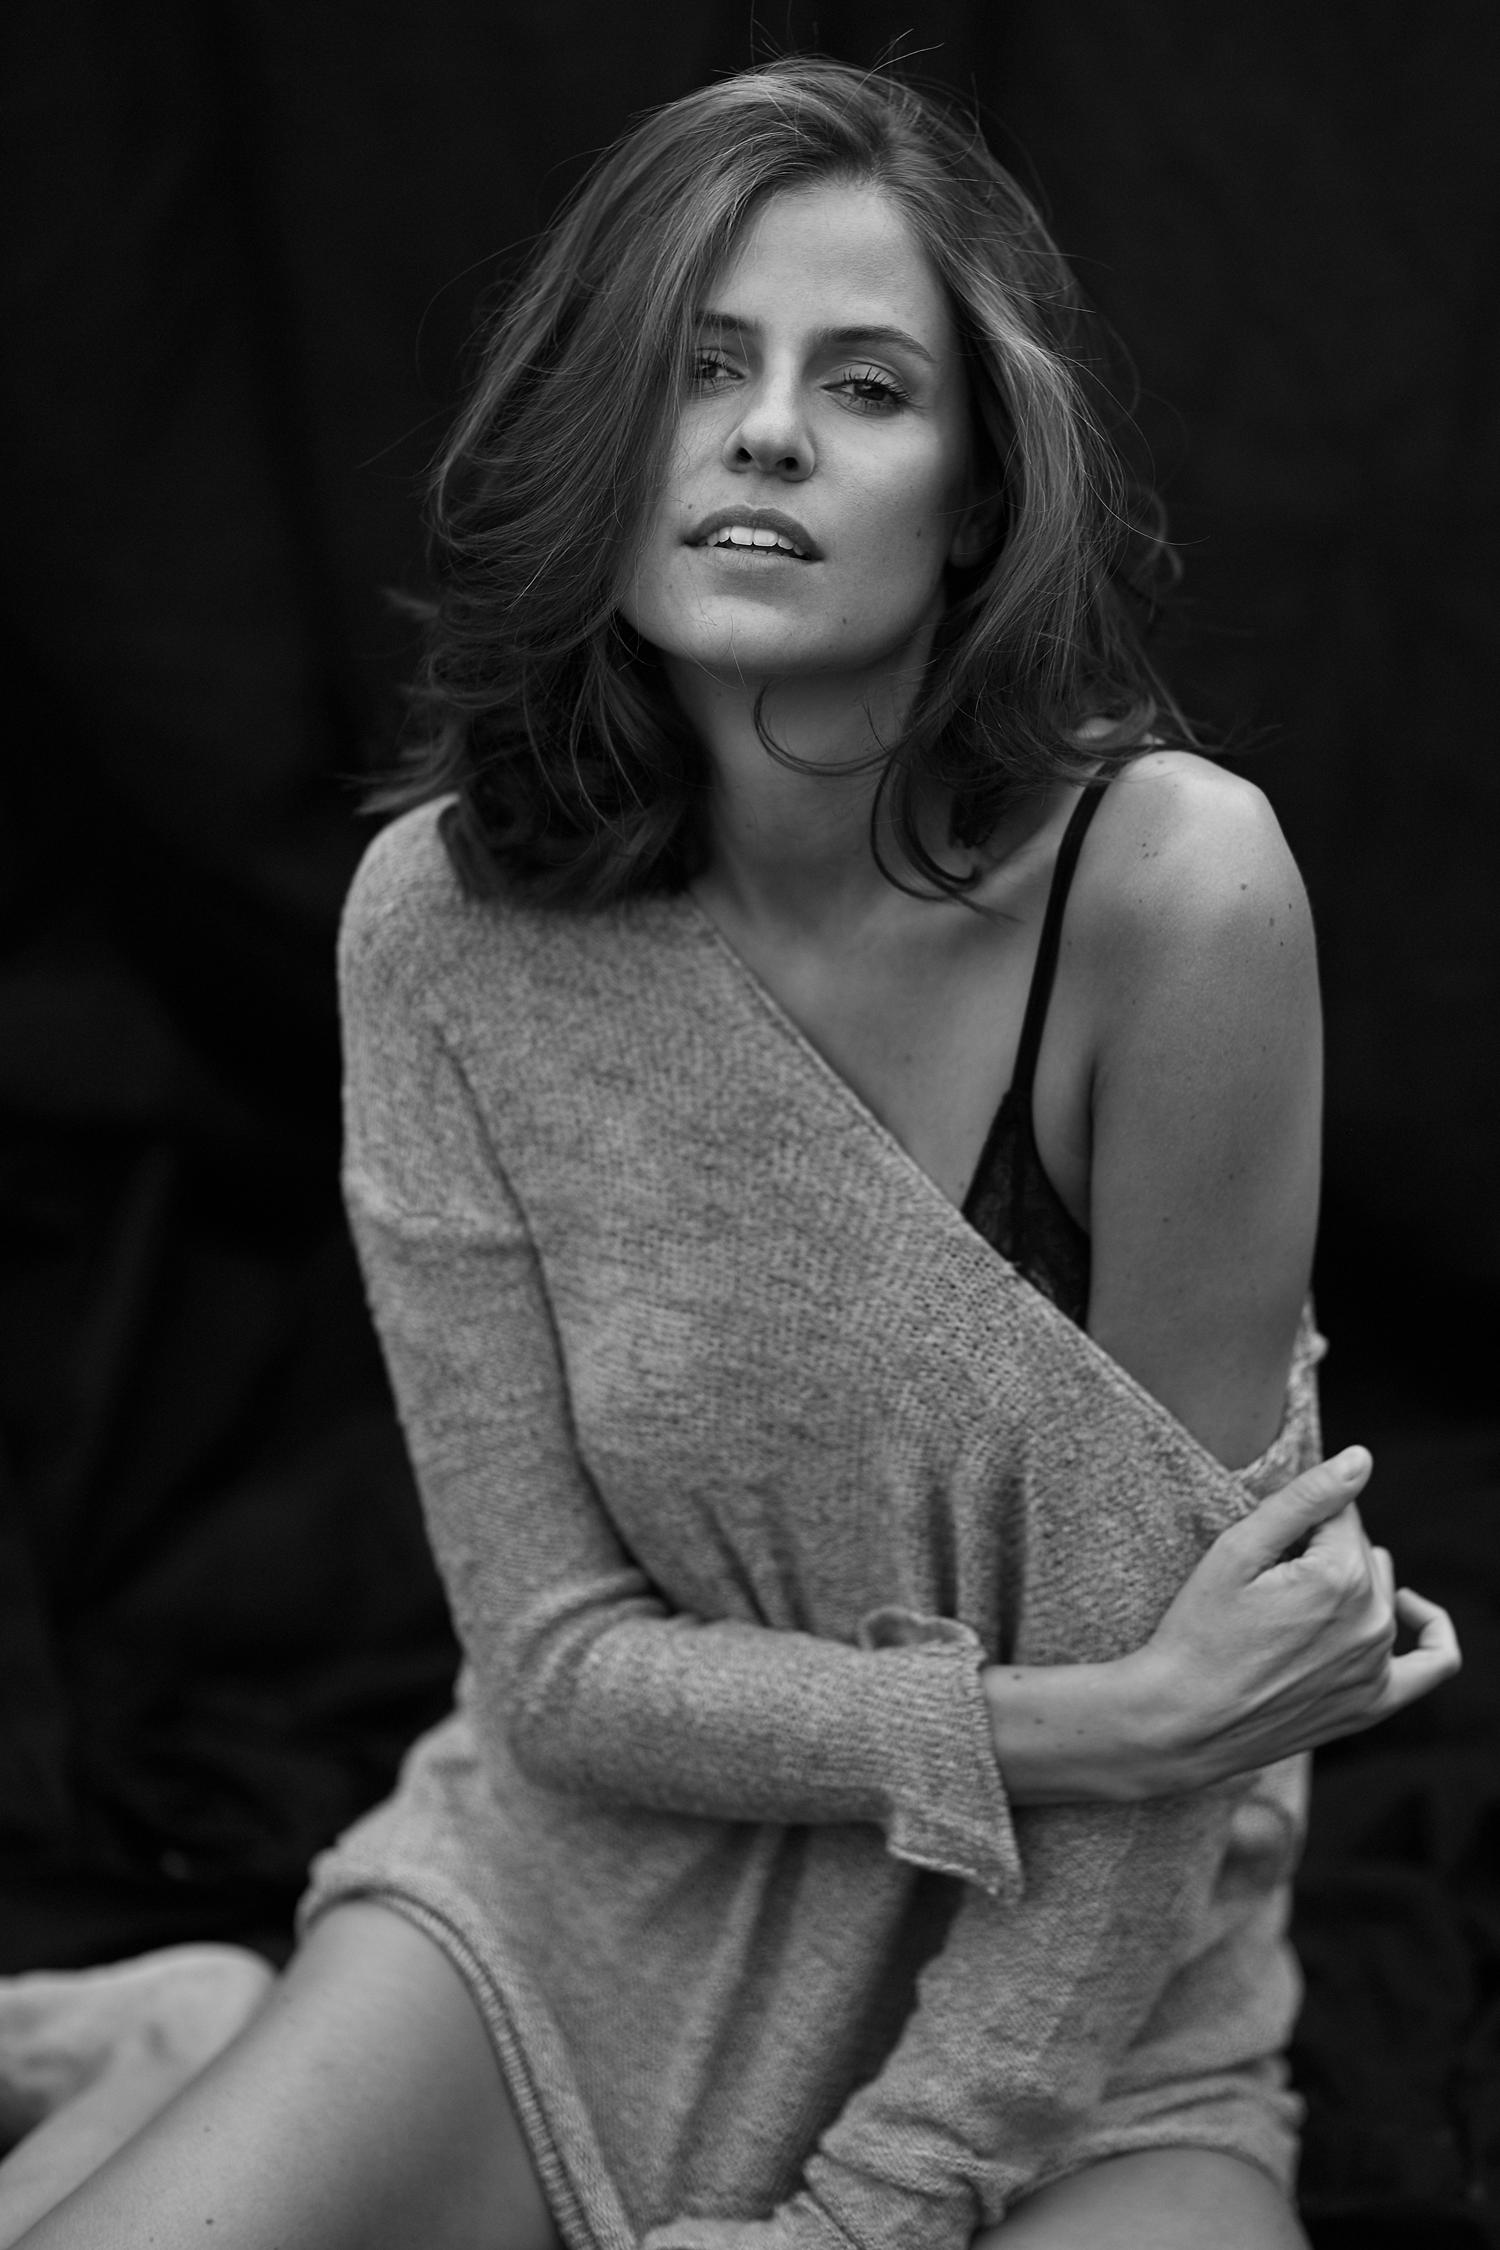 Schwarz/Weiß Porträt von Tänzerin und Schauspielerin Anja Straubhaar